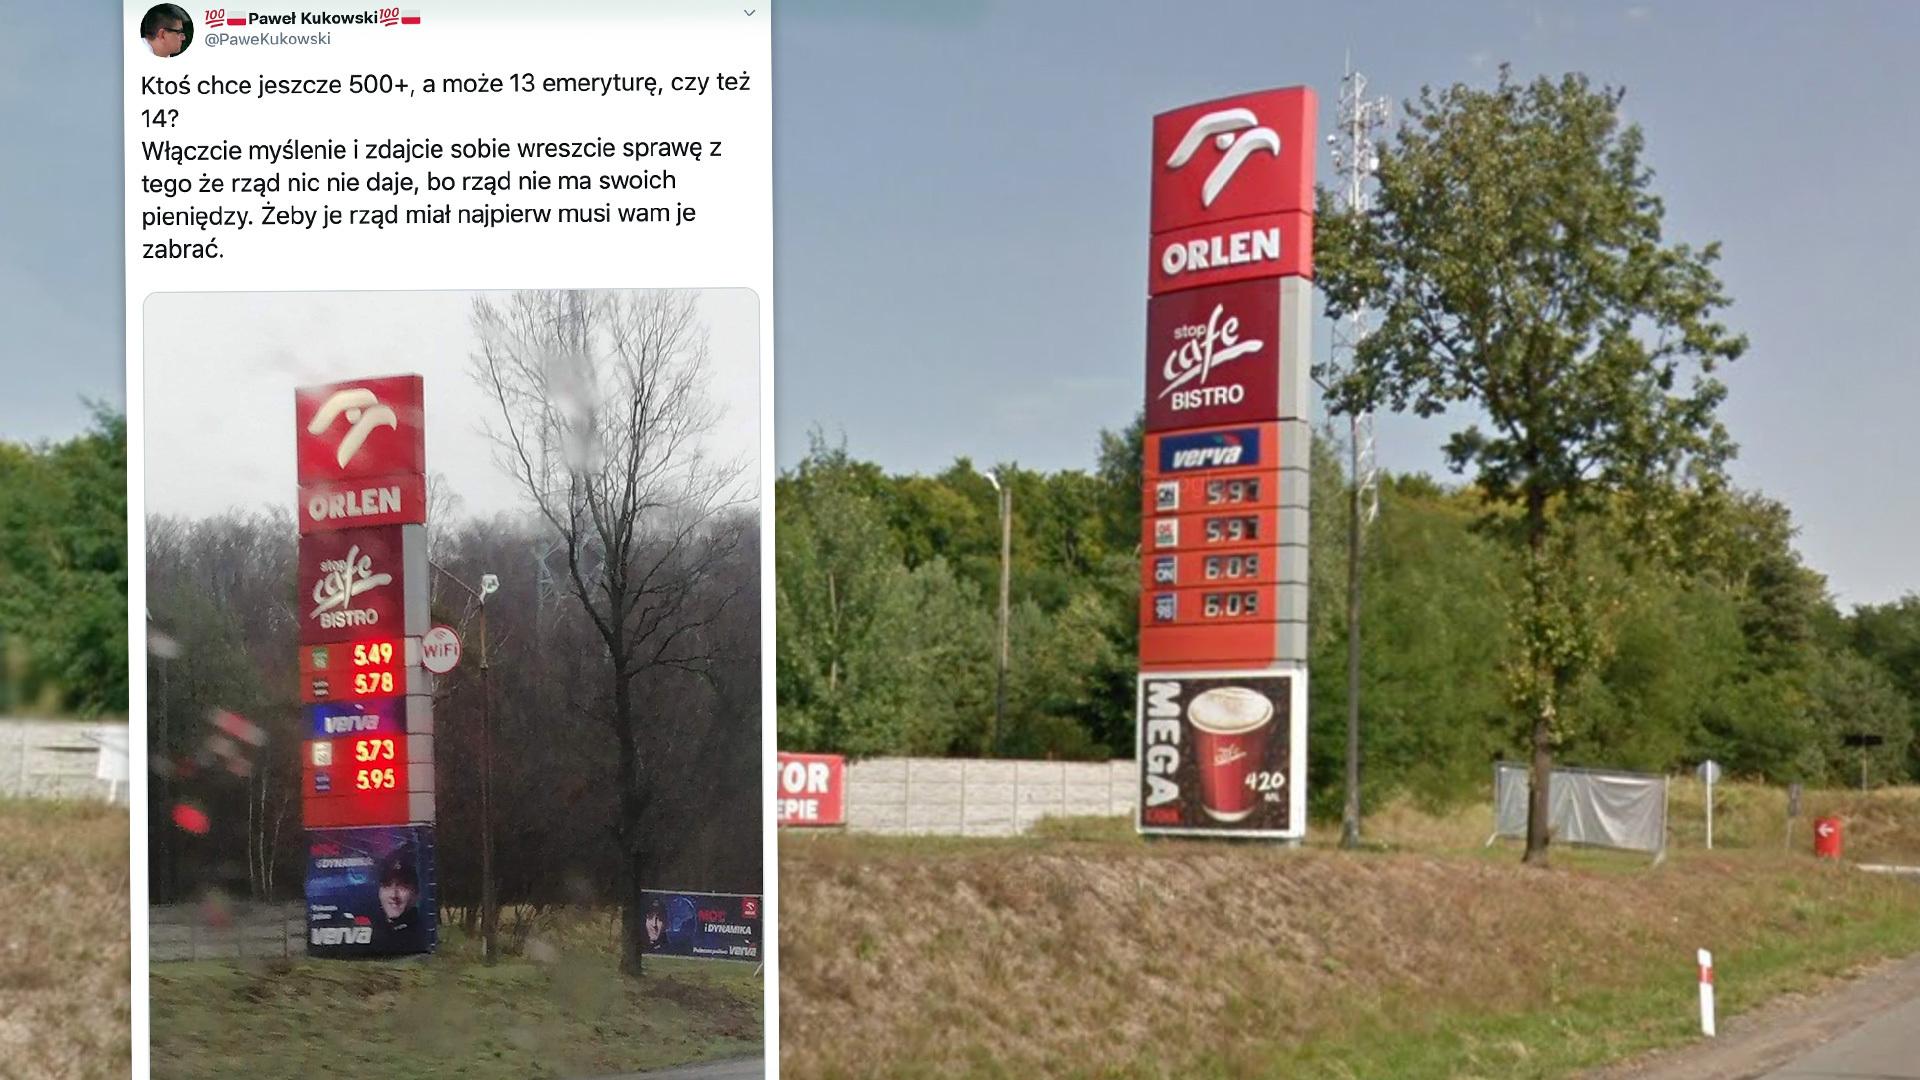 Porównaliśmy zdjęcie z Twittera ze zdjęciem w Google Street View